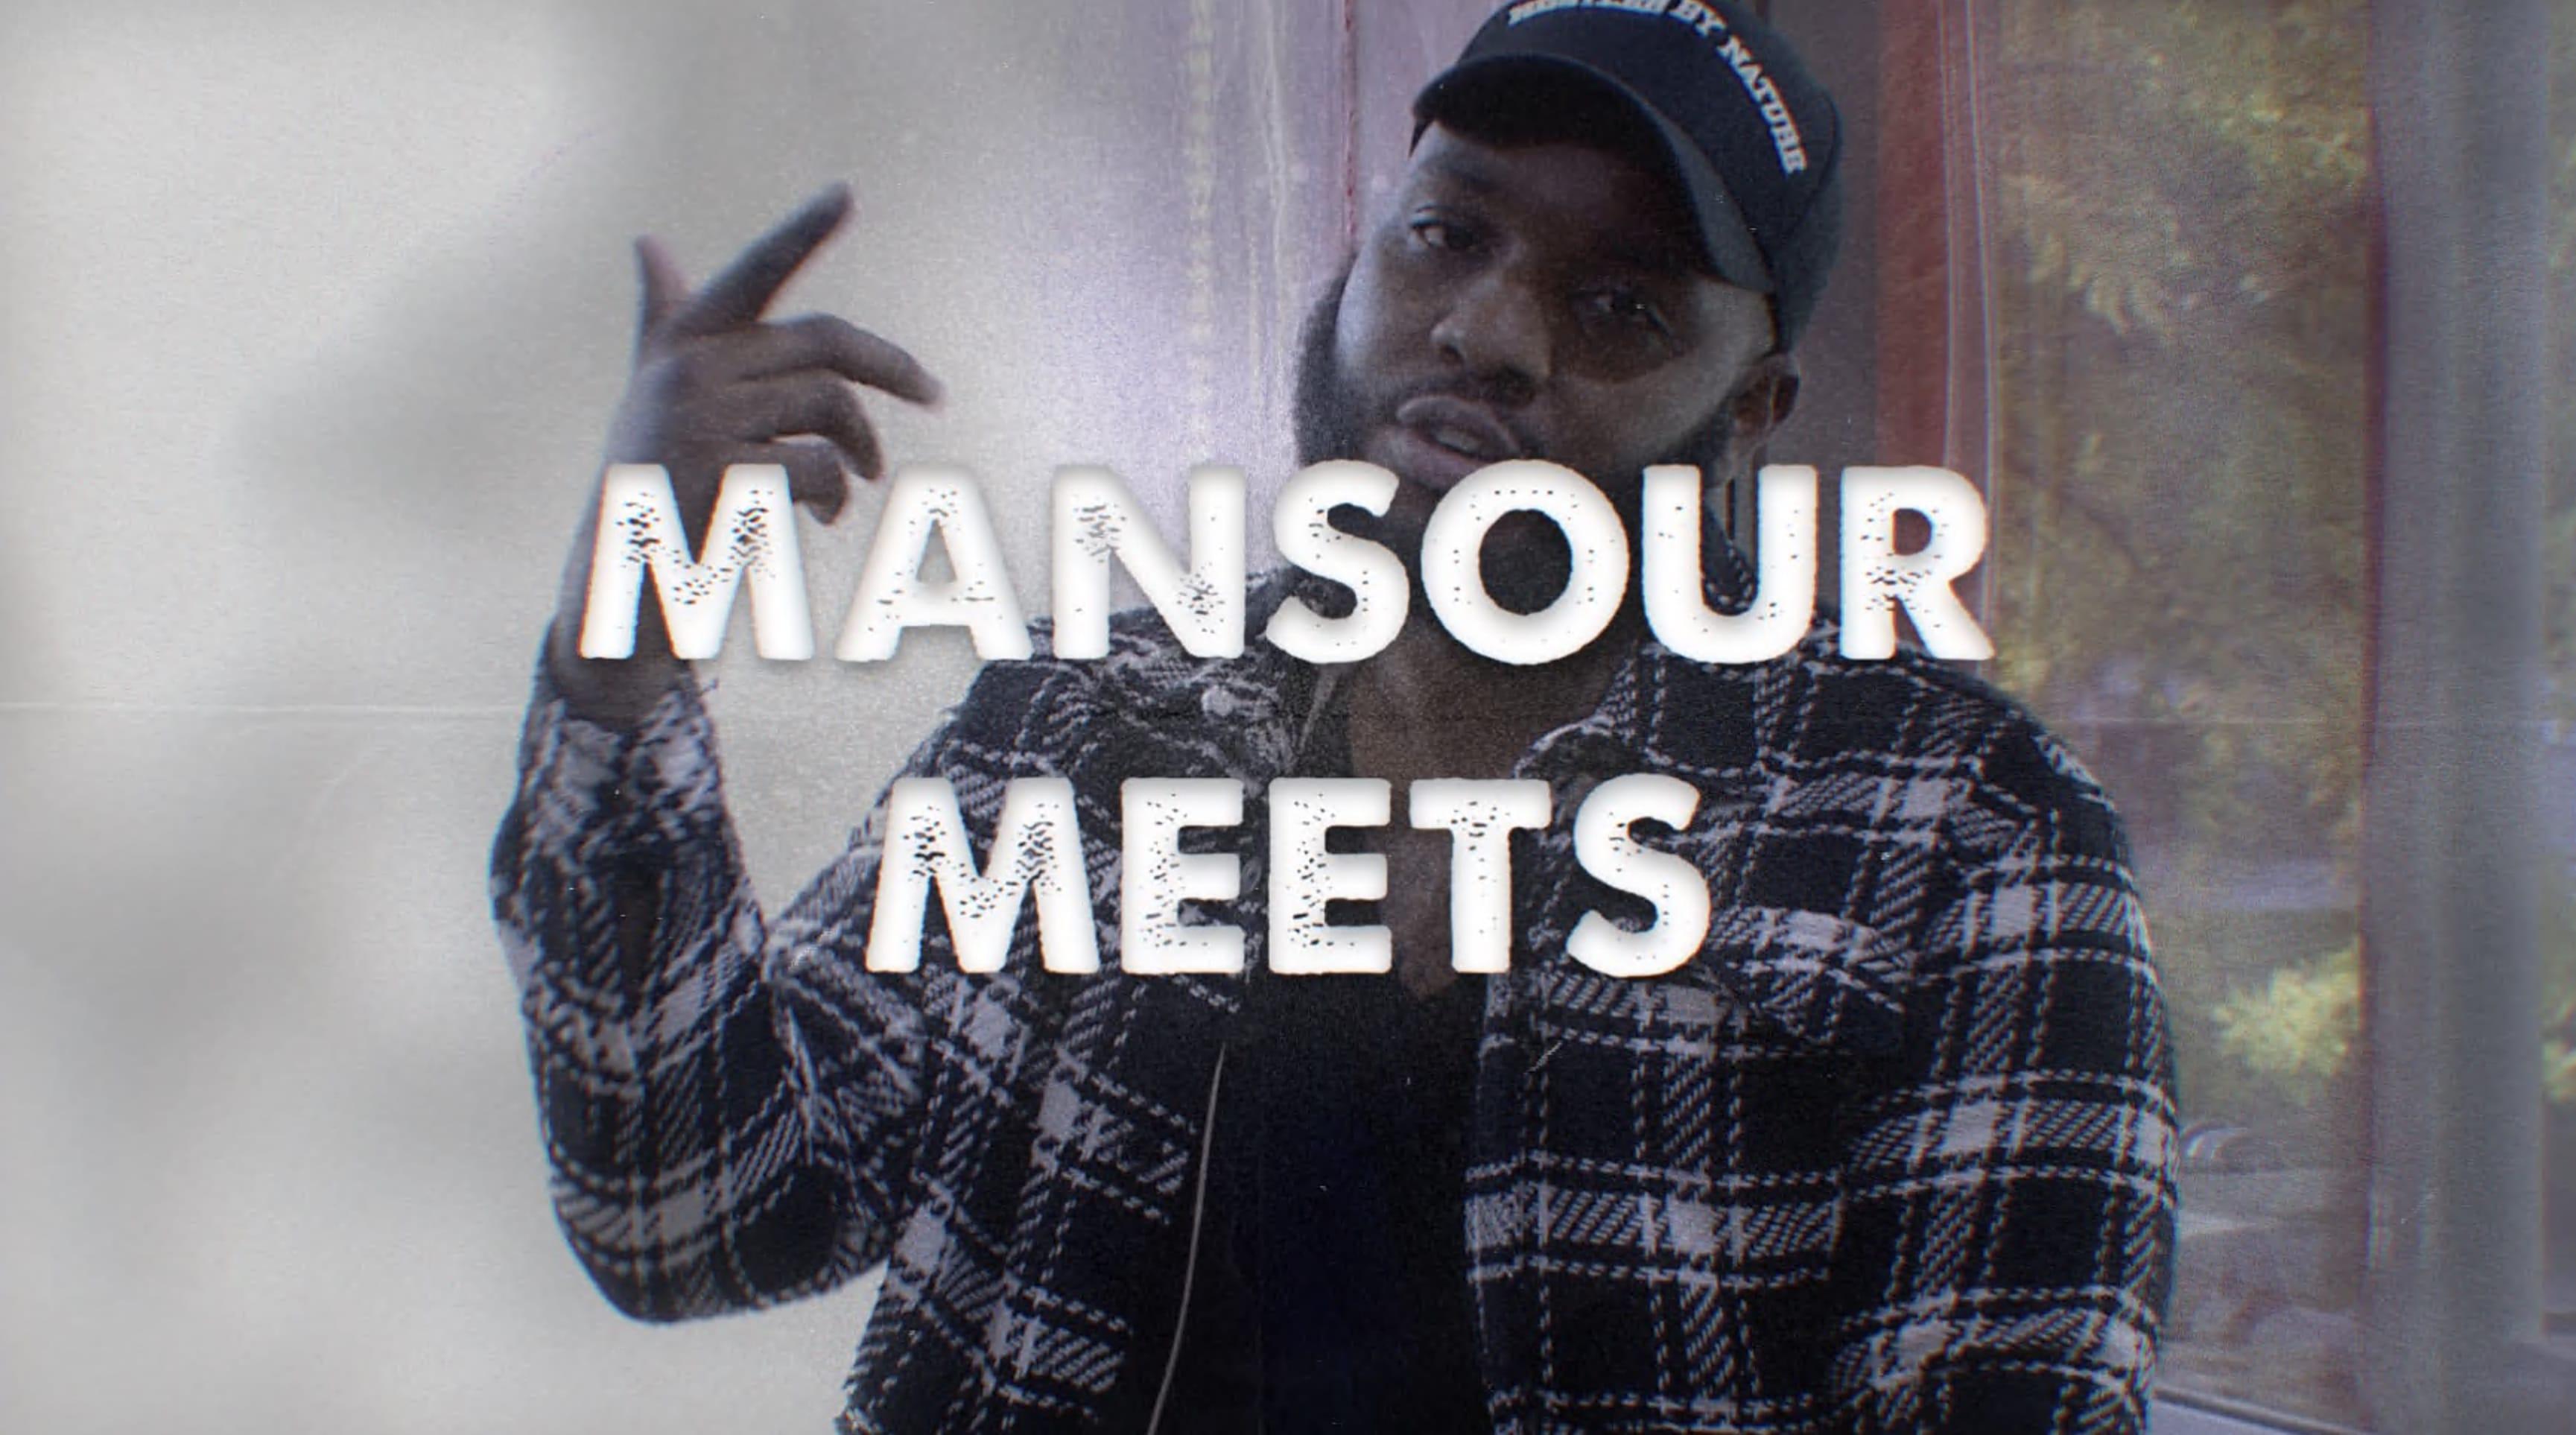 Mansour Meets